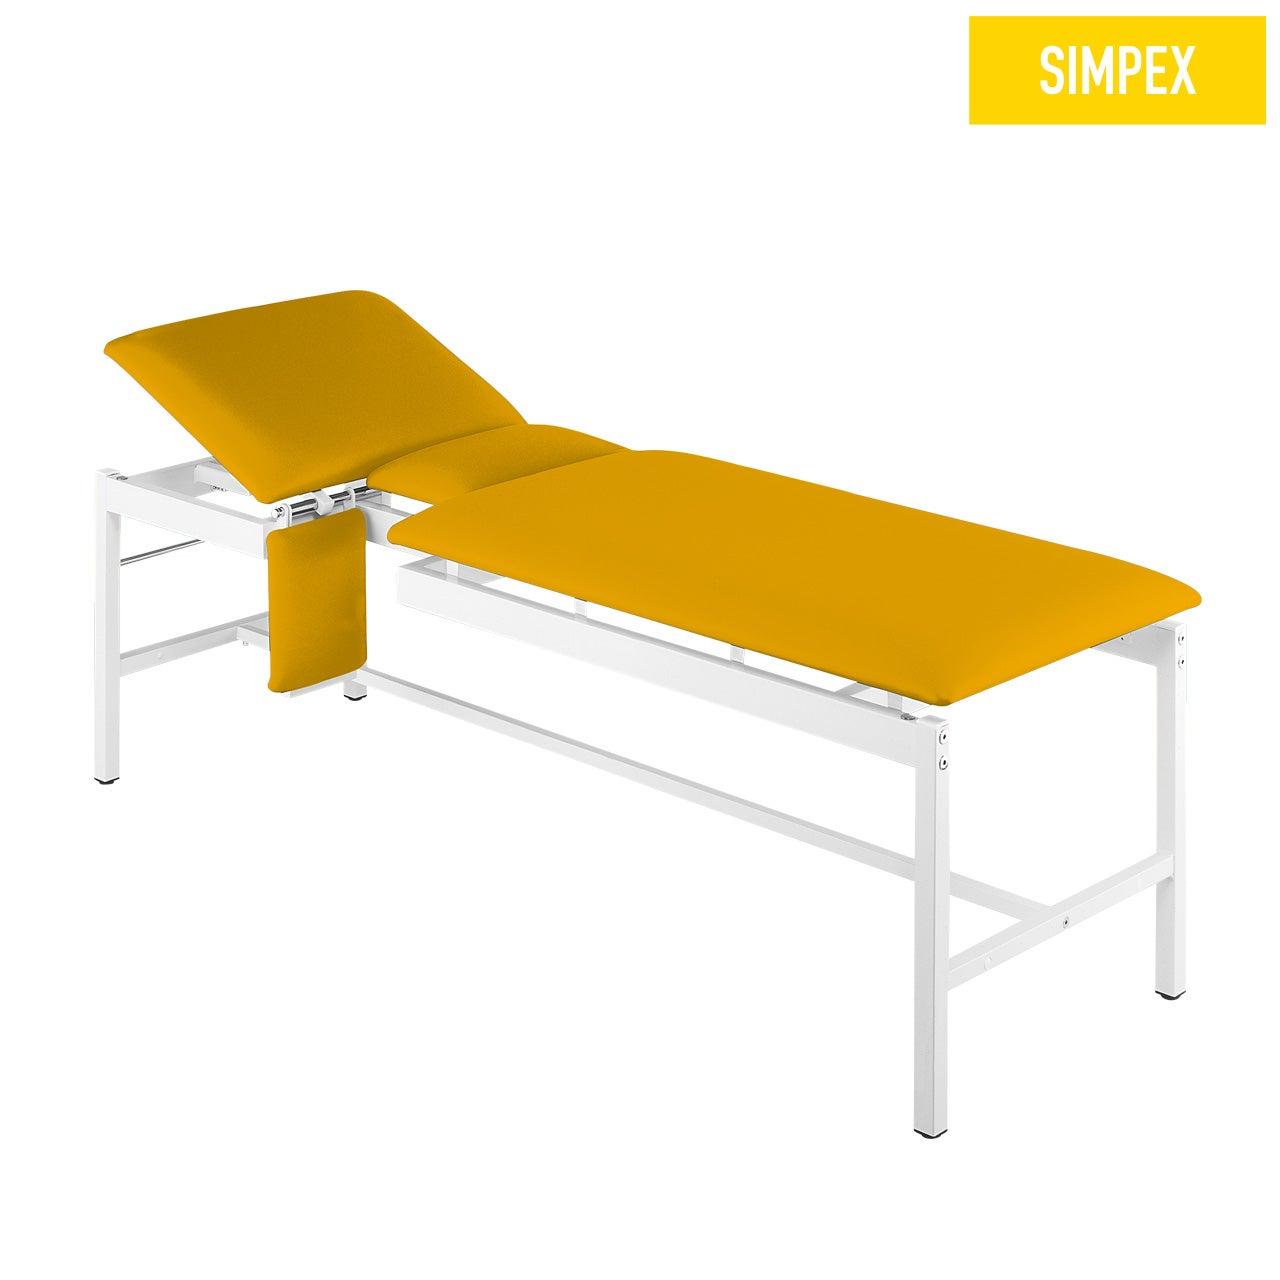 Sonographieliege VS-CARDIO 65 Cardio mit Kunstleder in gelb (mais) und einem Gestell aus Stahl grauweiß gepulvert von SIMPEX